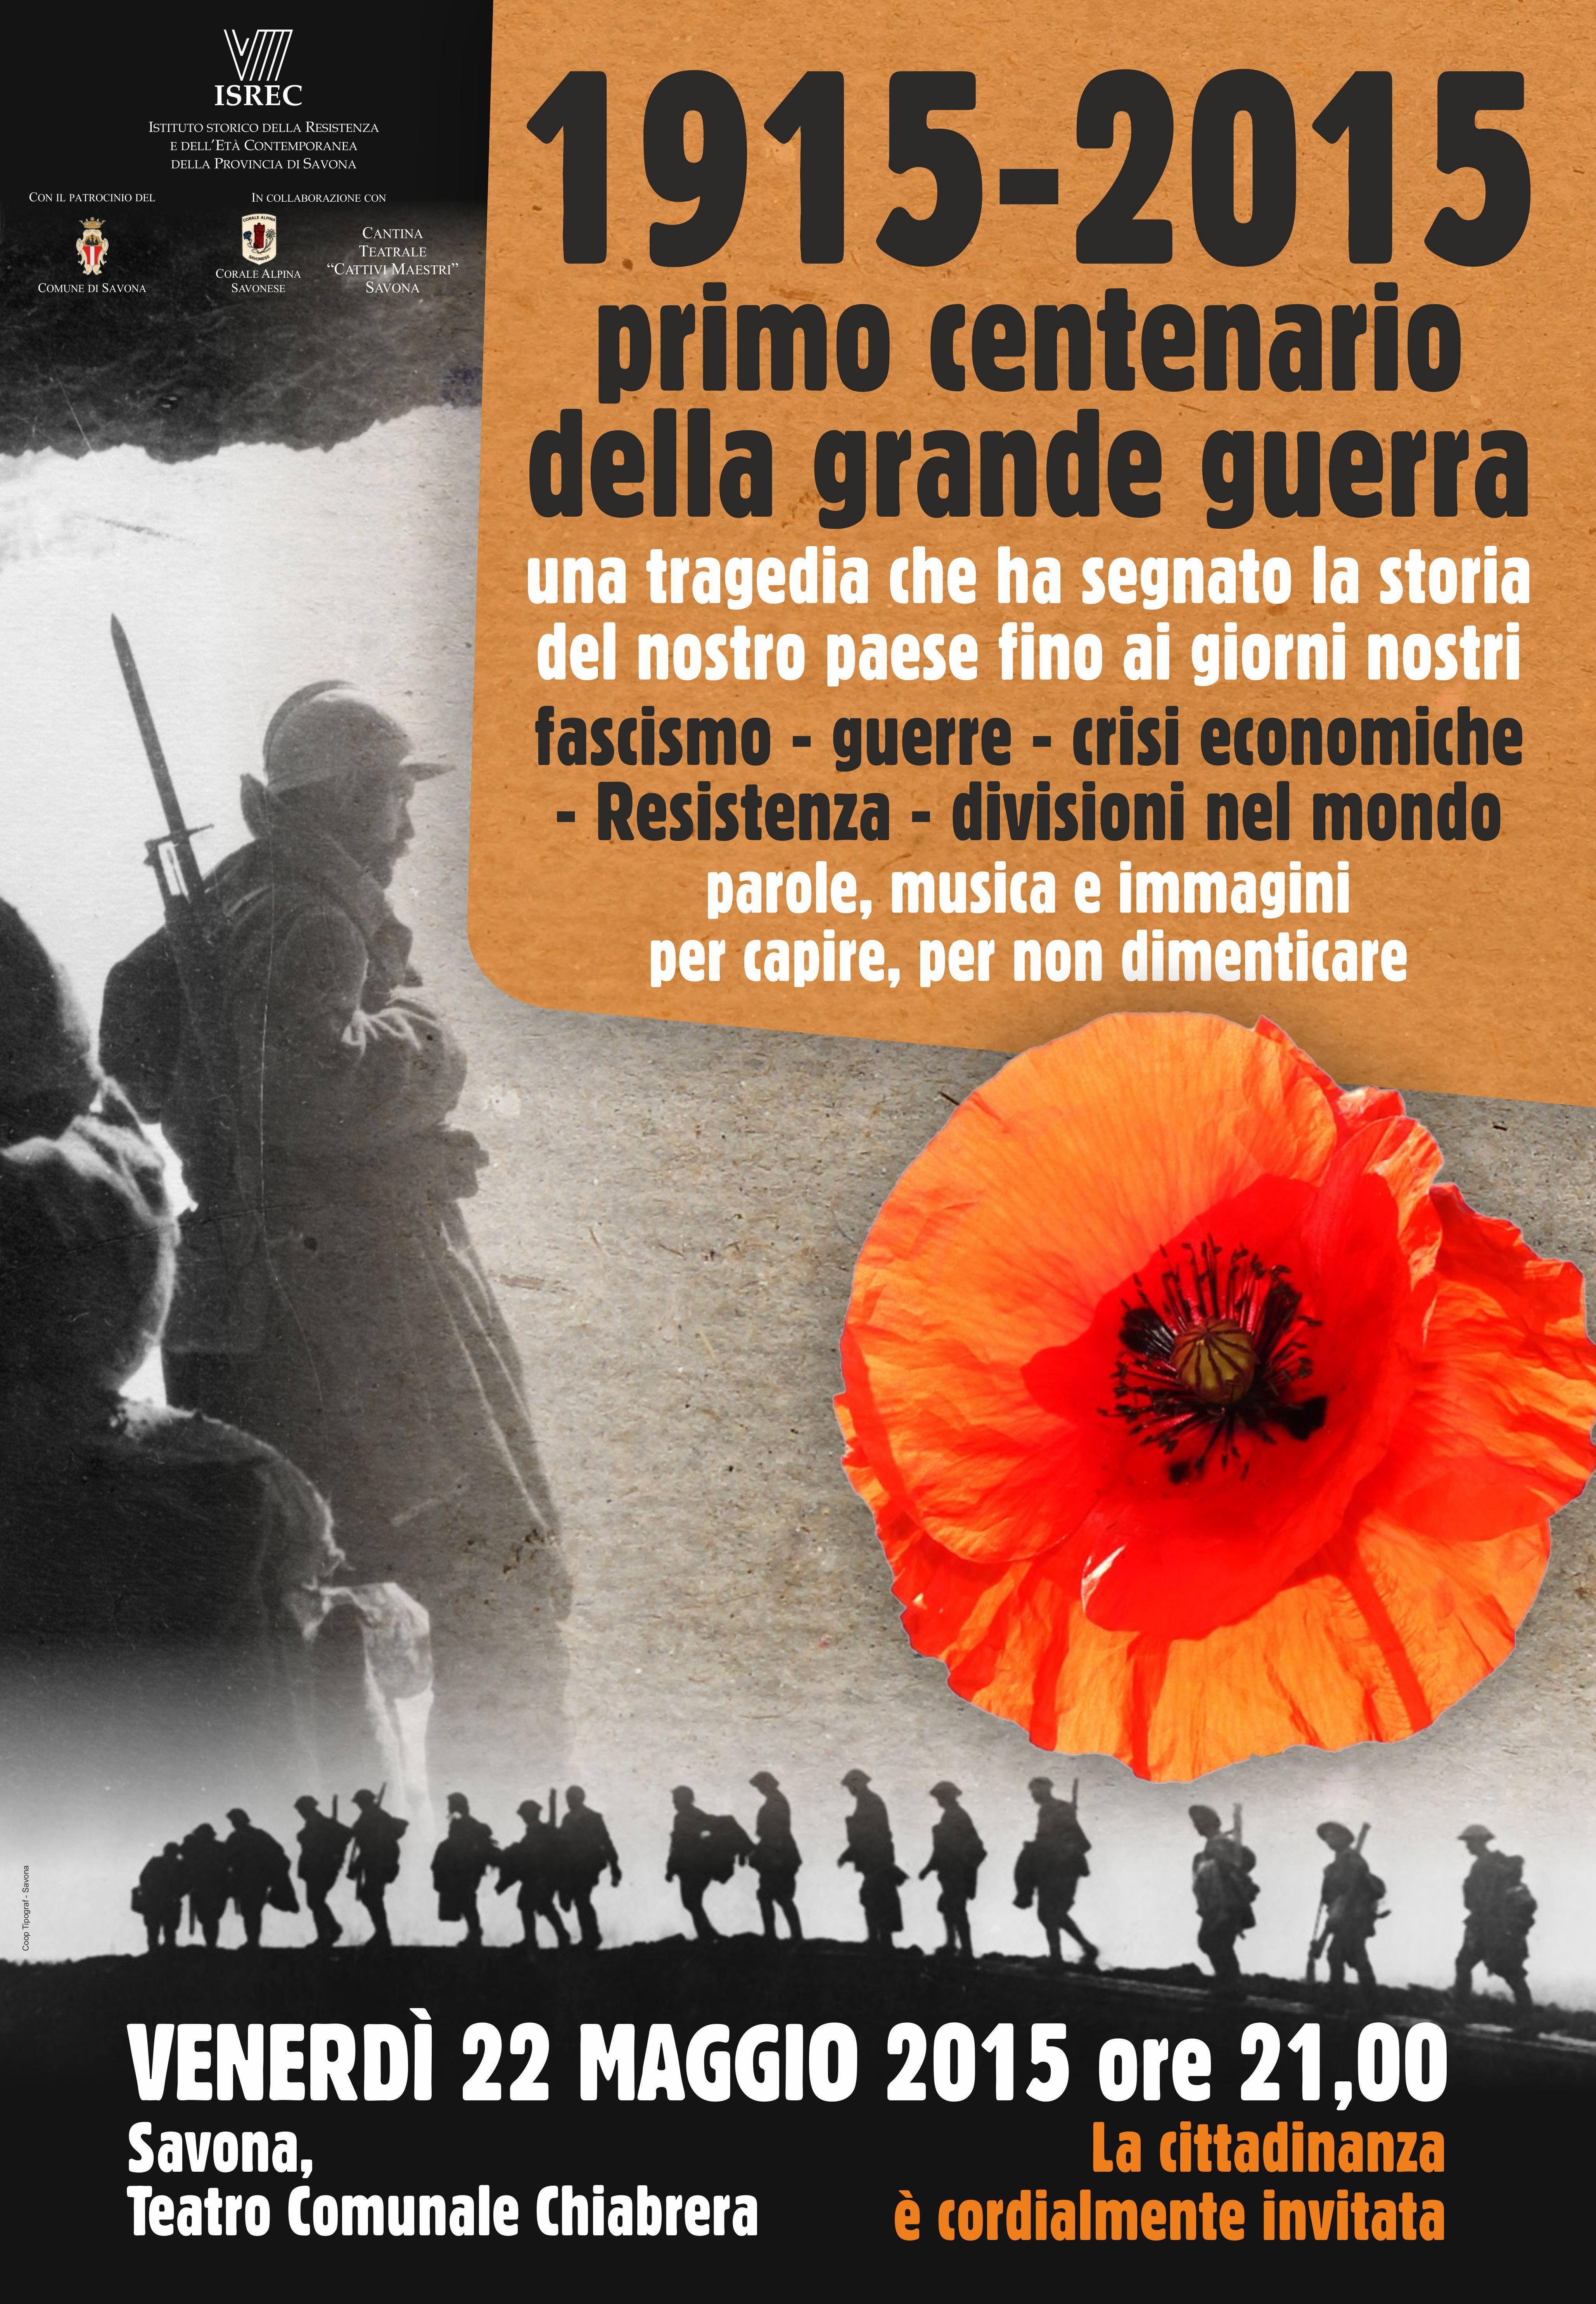 22 maggio 2015 - L'Italia dalla neutralità all'intervento nella Grande Guerra (1915-1918) - Primo centenario (1915-2015)